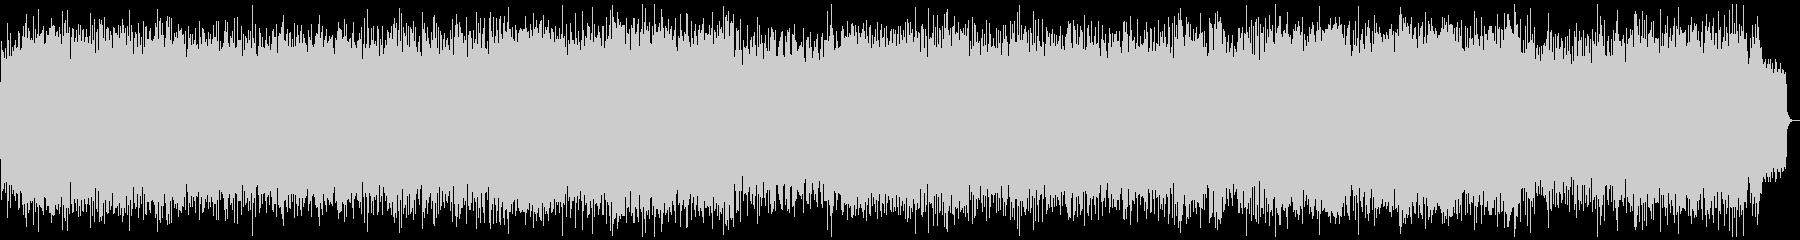 テンポの速いシンセリードの緊迫したメタルの未再生の波形